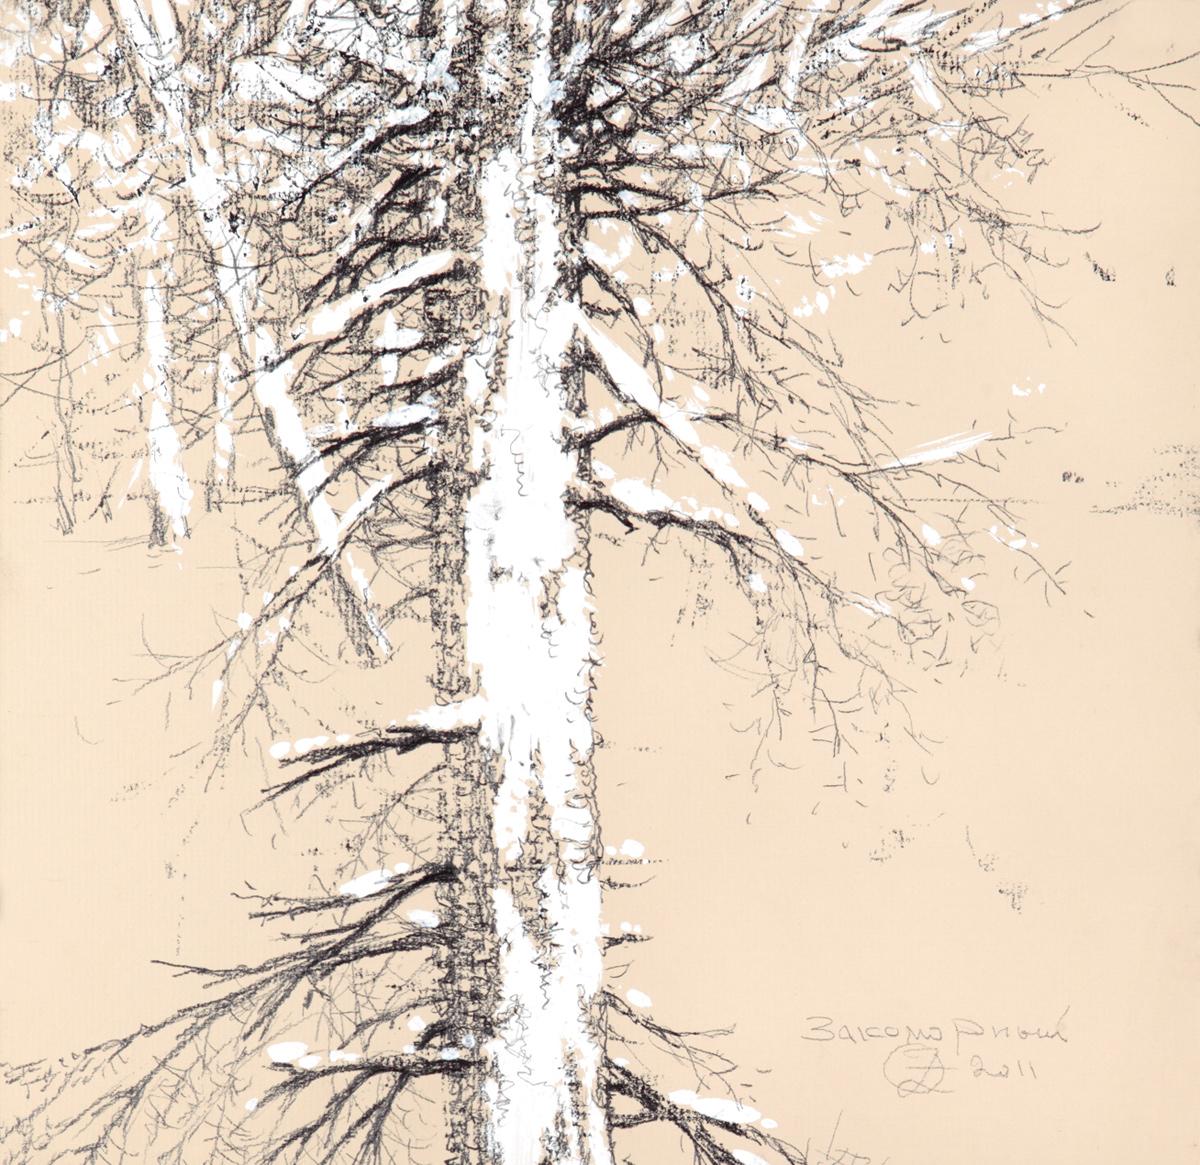 Le tronc aux branches sous la neige